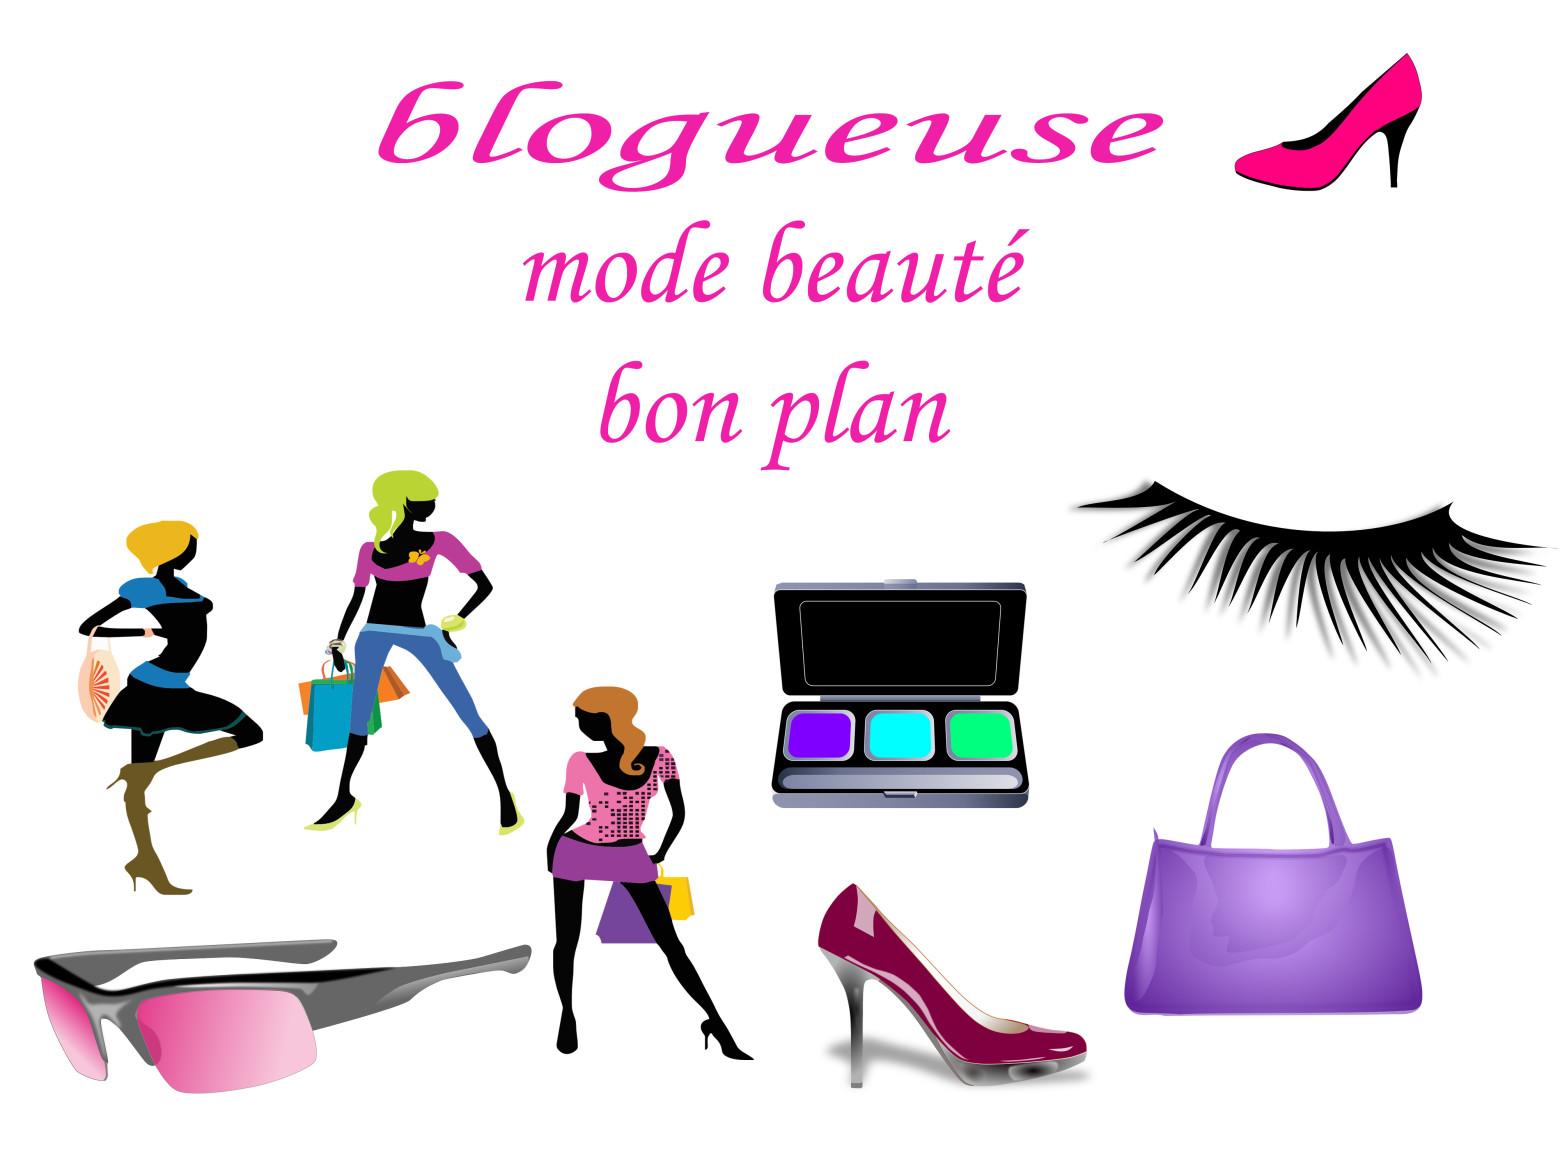 blogueuse-mode-beaut%C3%A9-bon-plan-photo-gratuite-libre-de-droit-1560x1170.jpg